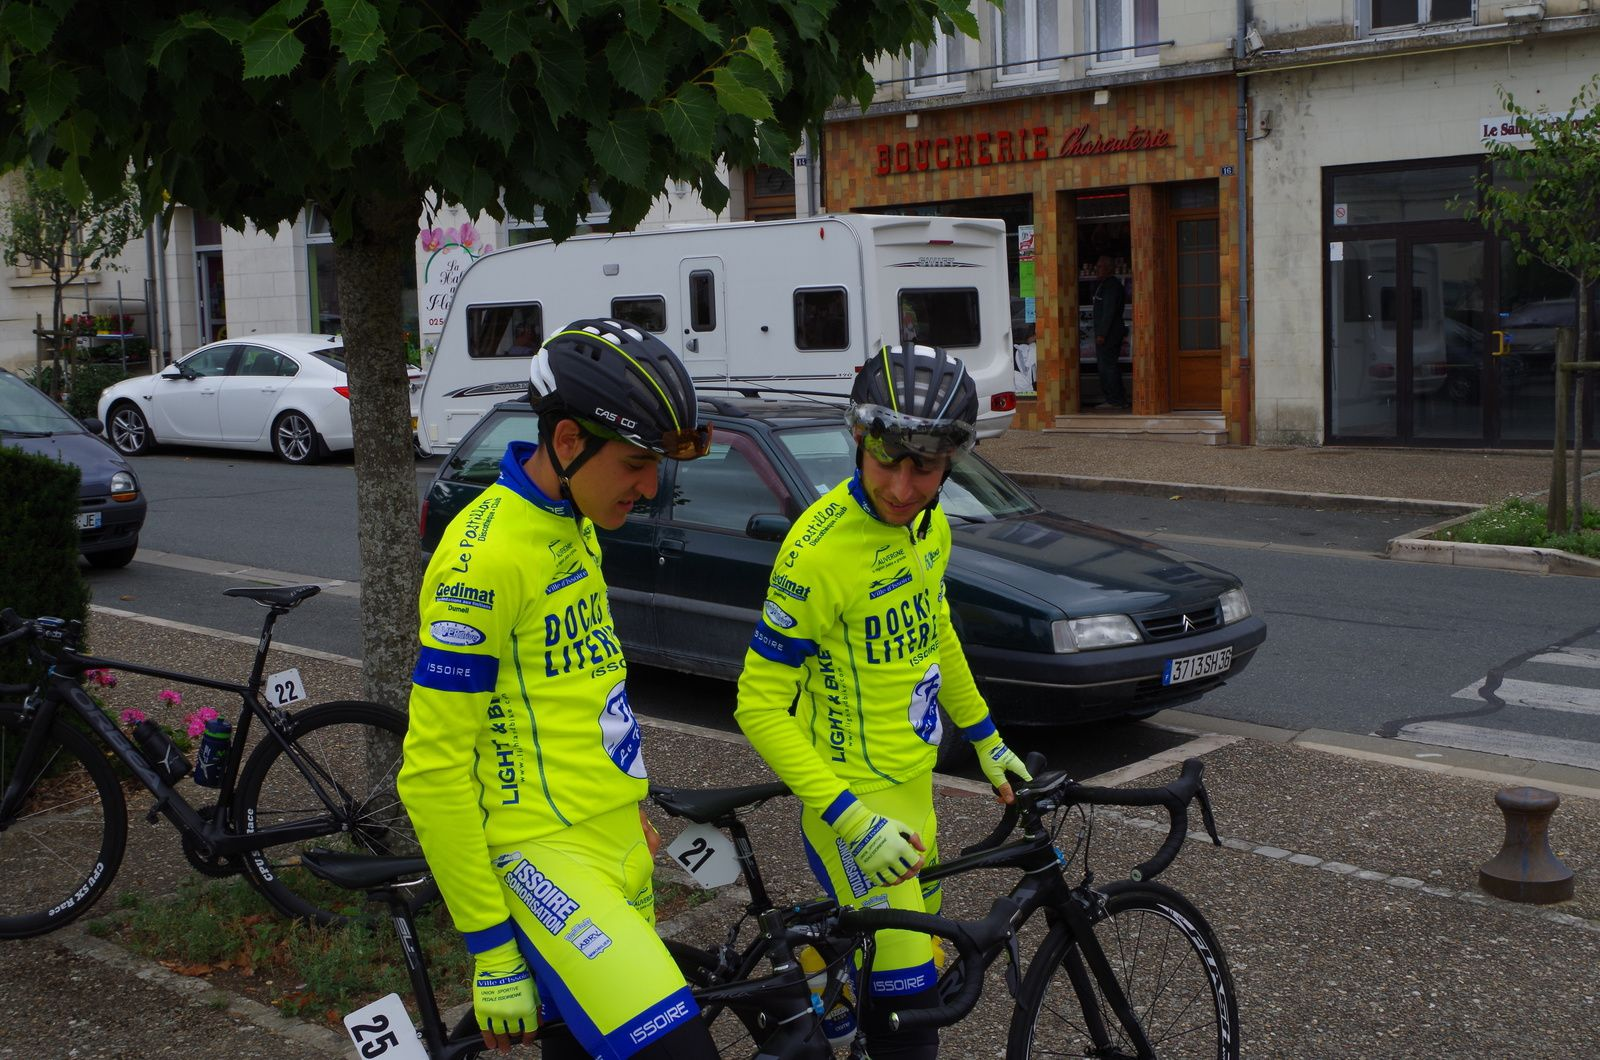 Vendredi 14 août : Coupe de France des DN3 à Heugnes 36